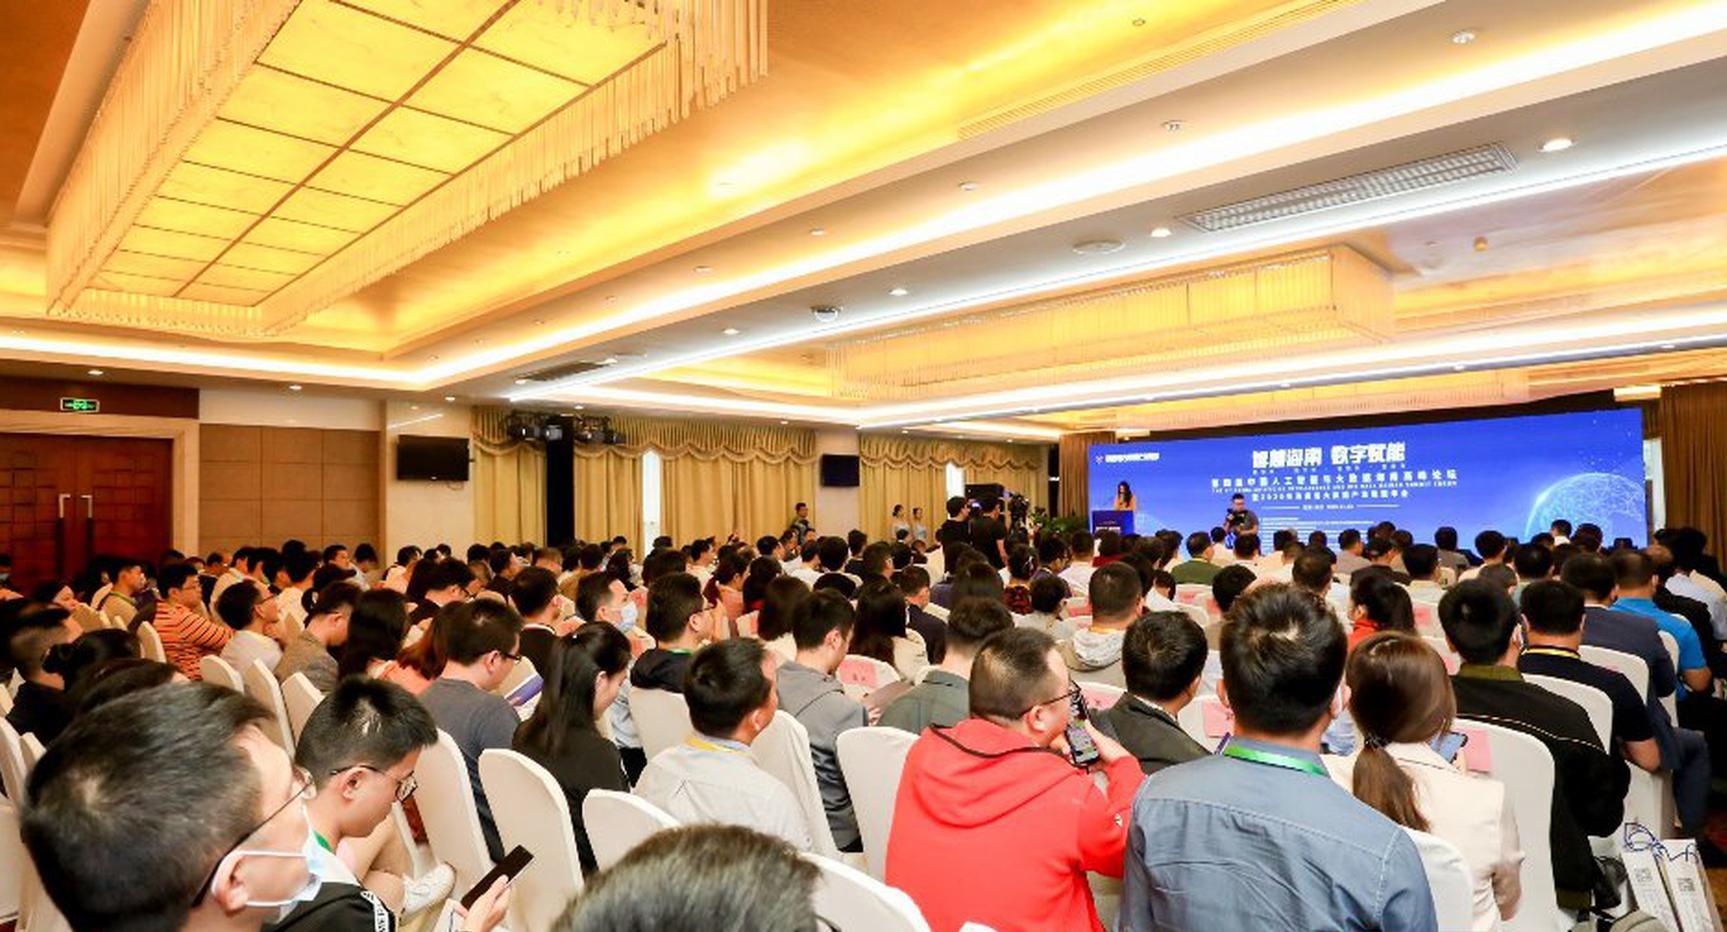 第四届中国人工智能与大数据海南高峰论坛在海口举办